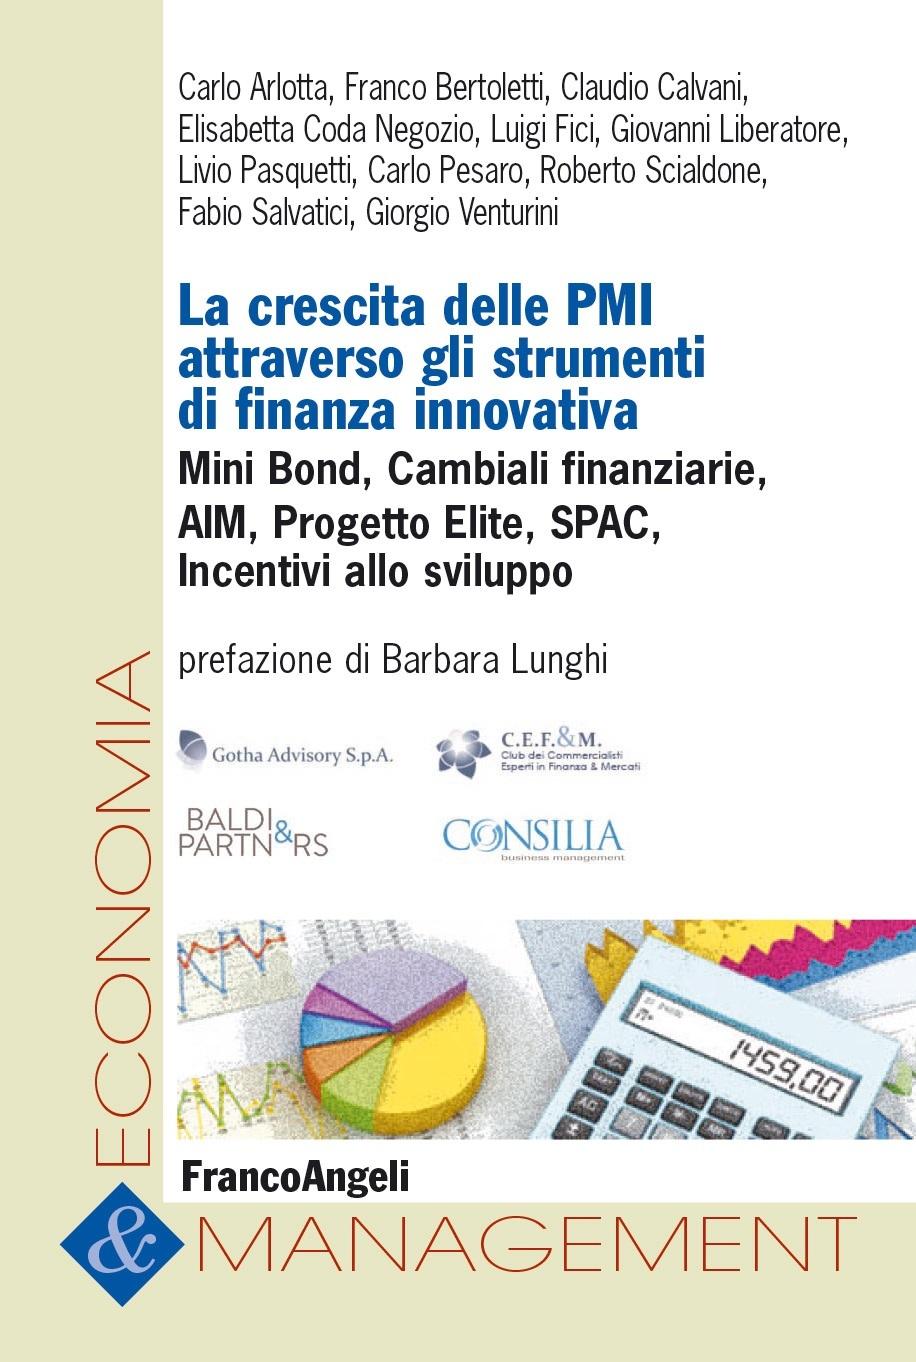 La crescita delle PMI attraverso gli strumenti di finanza innovativa